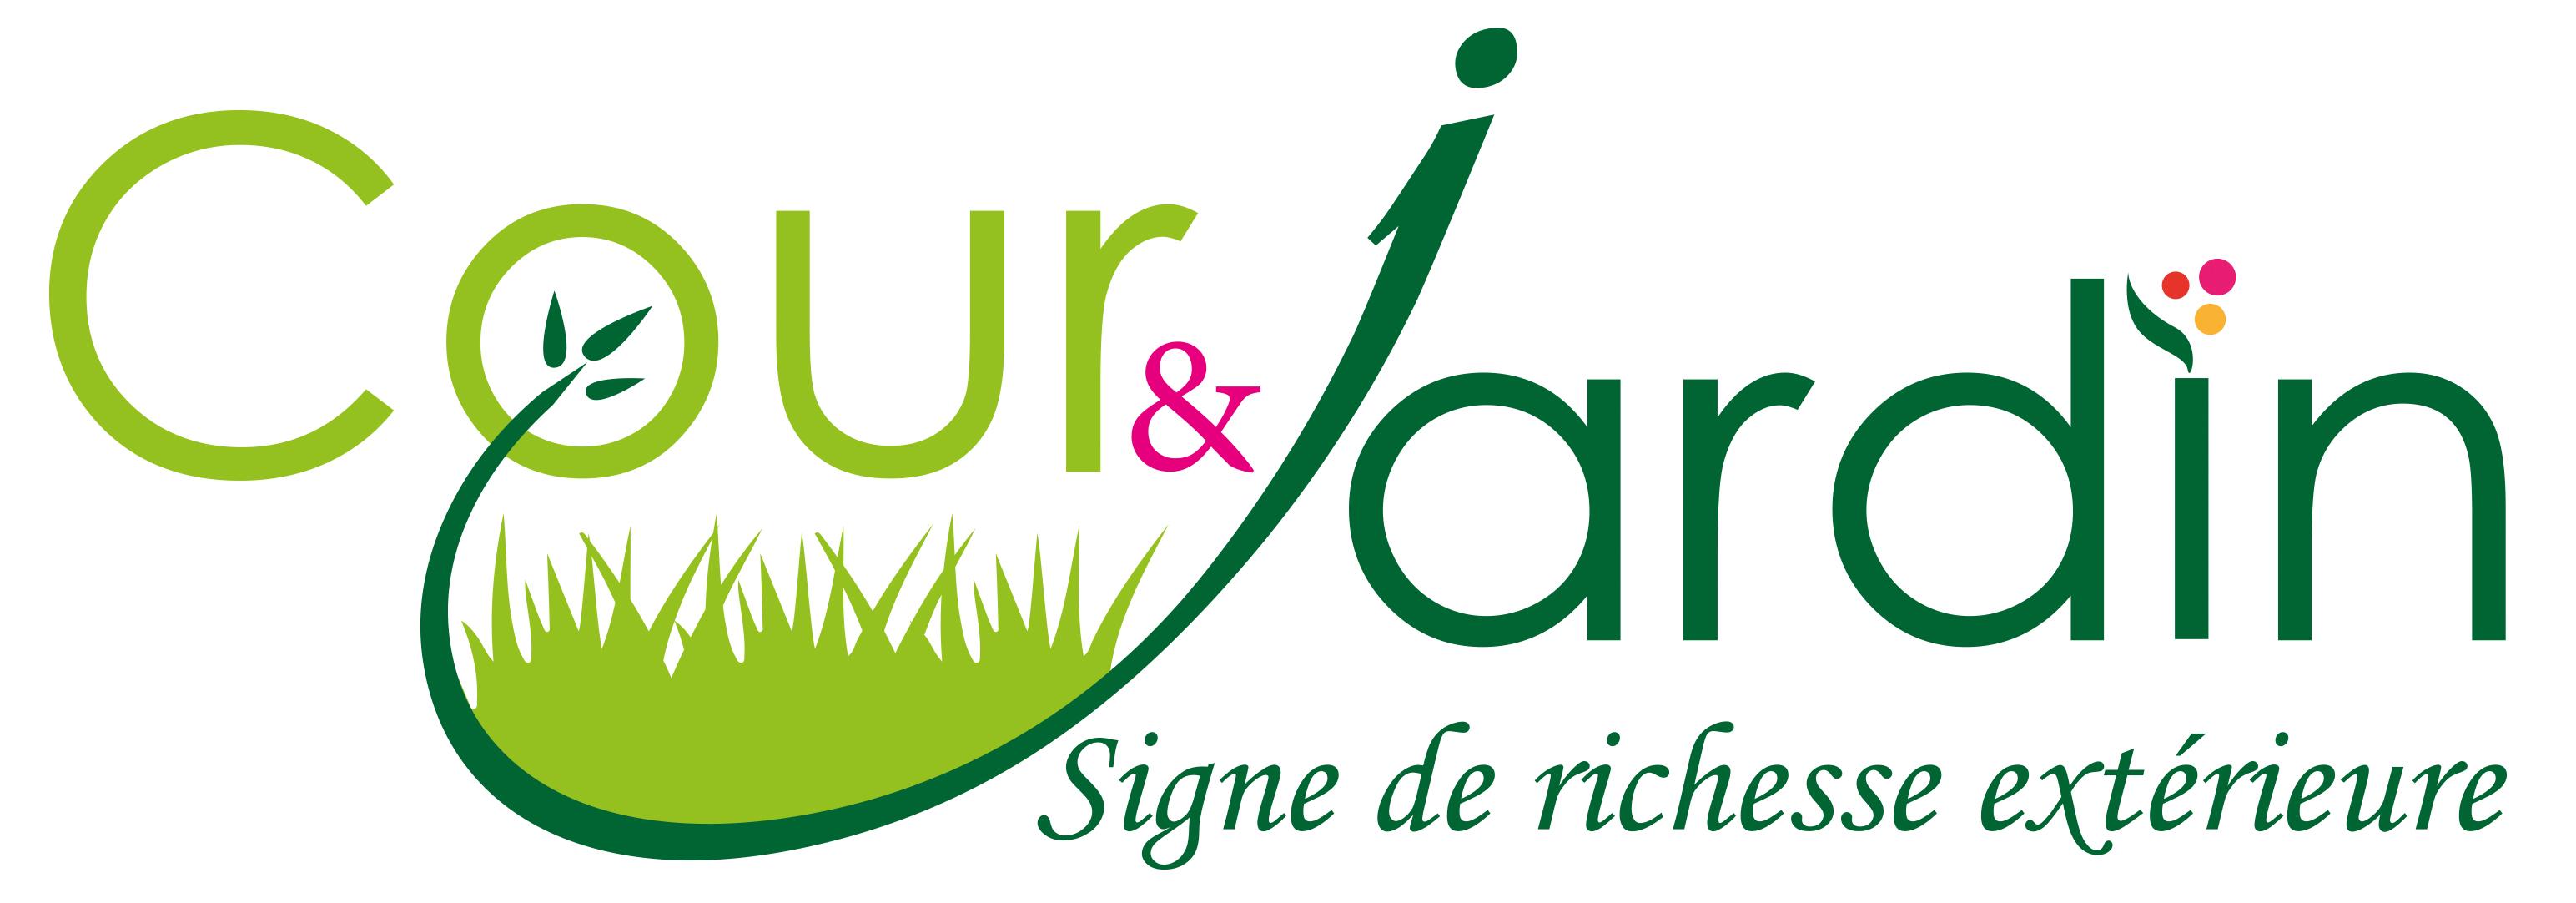 création logo cour et jardin